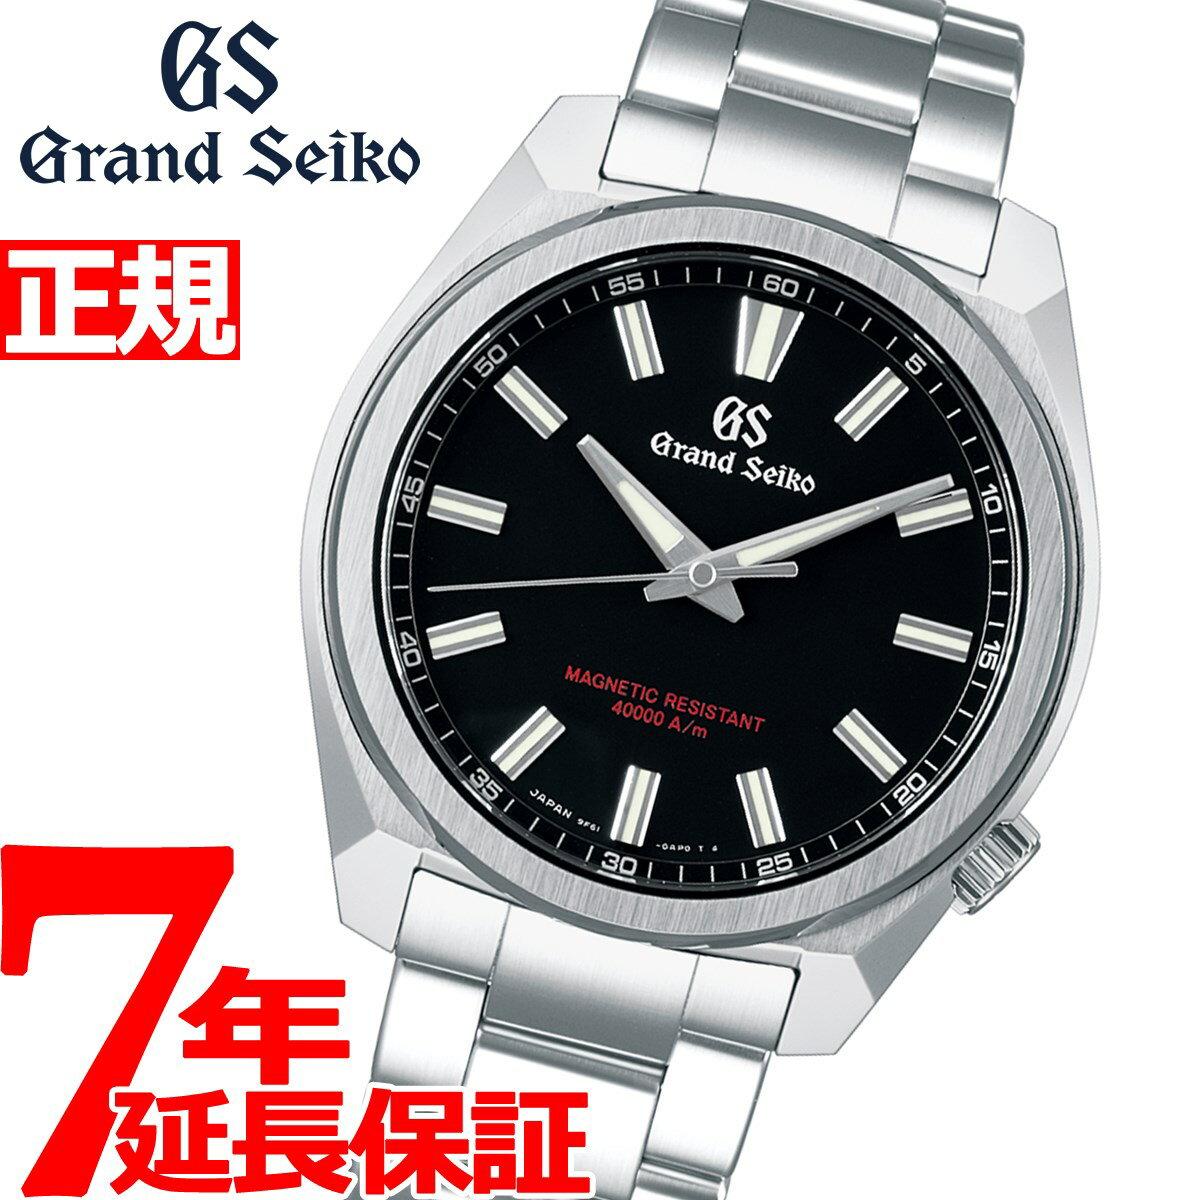 腕時計, メンズ腕時計 2505000OFF36.5252359 GRAND SEIKO Sport Collection SBGX3432020